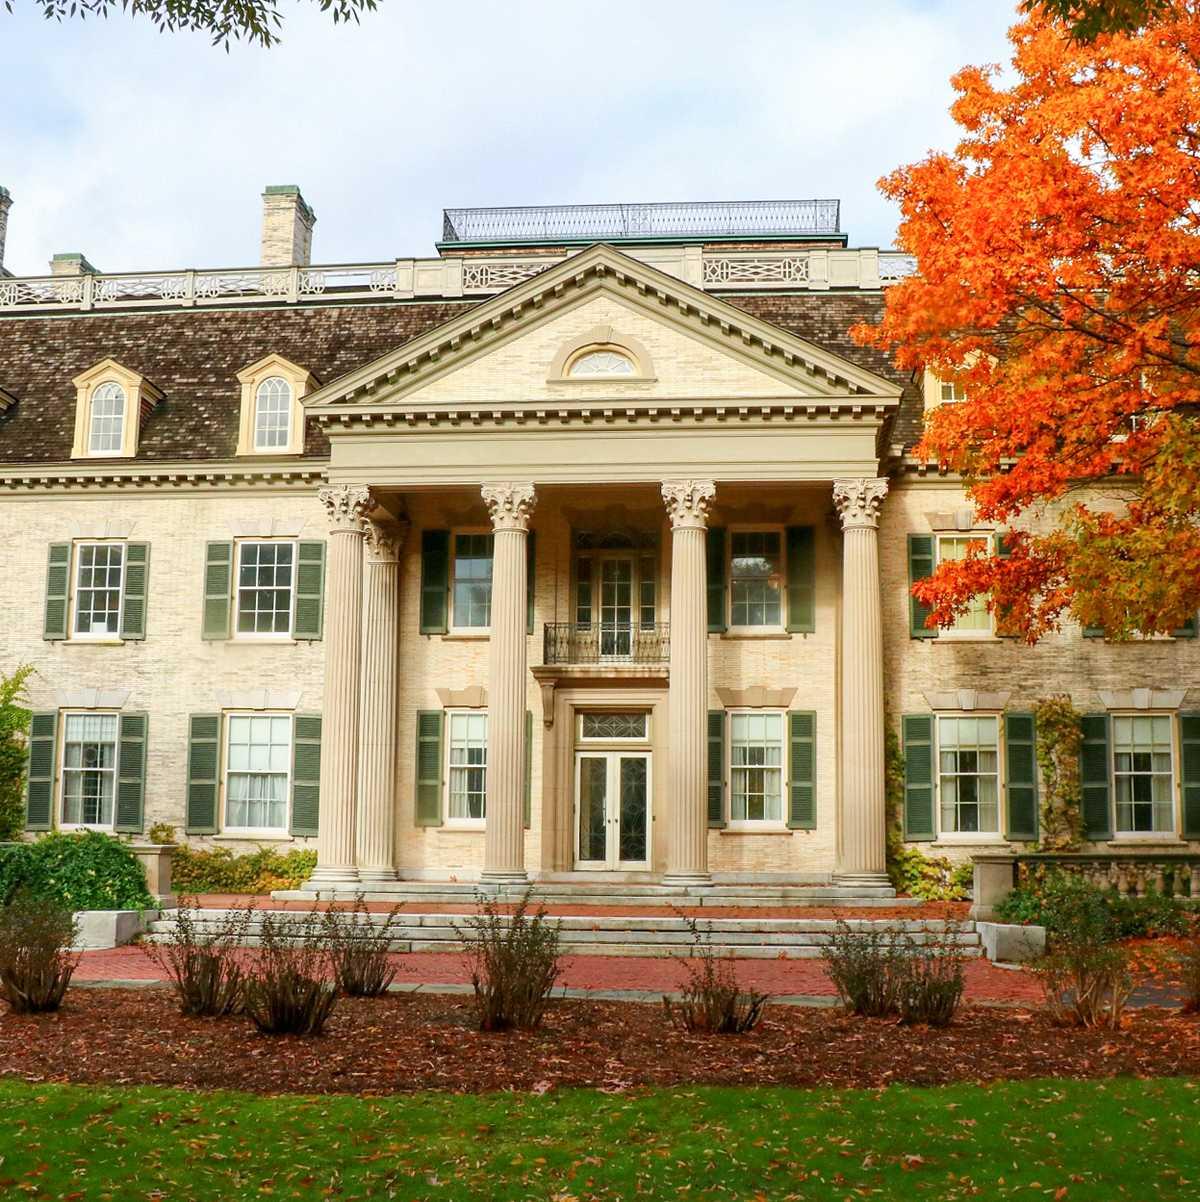 Das George Eastman House, ein internationales Museum für Bild- und Filmwerke in Rochester